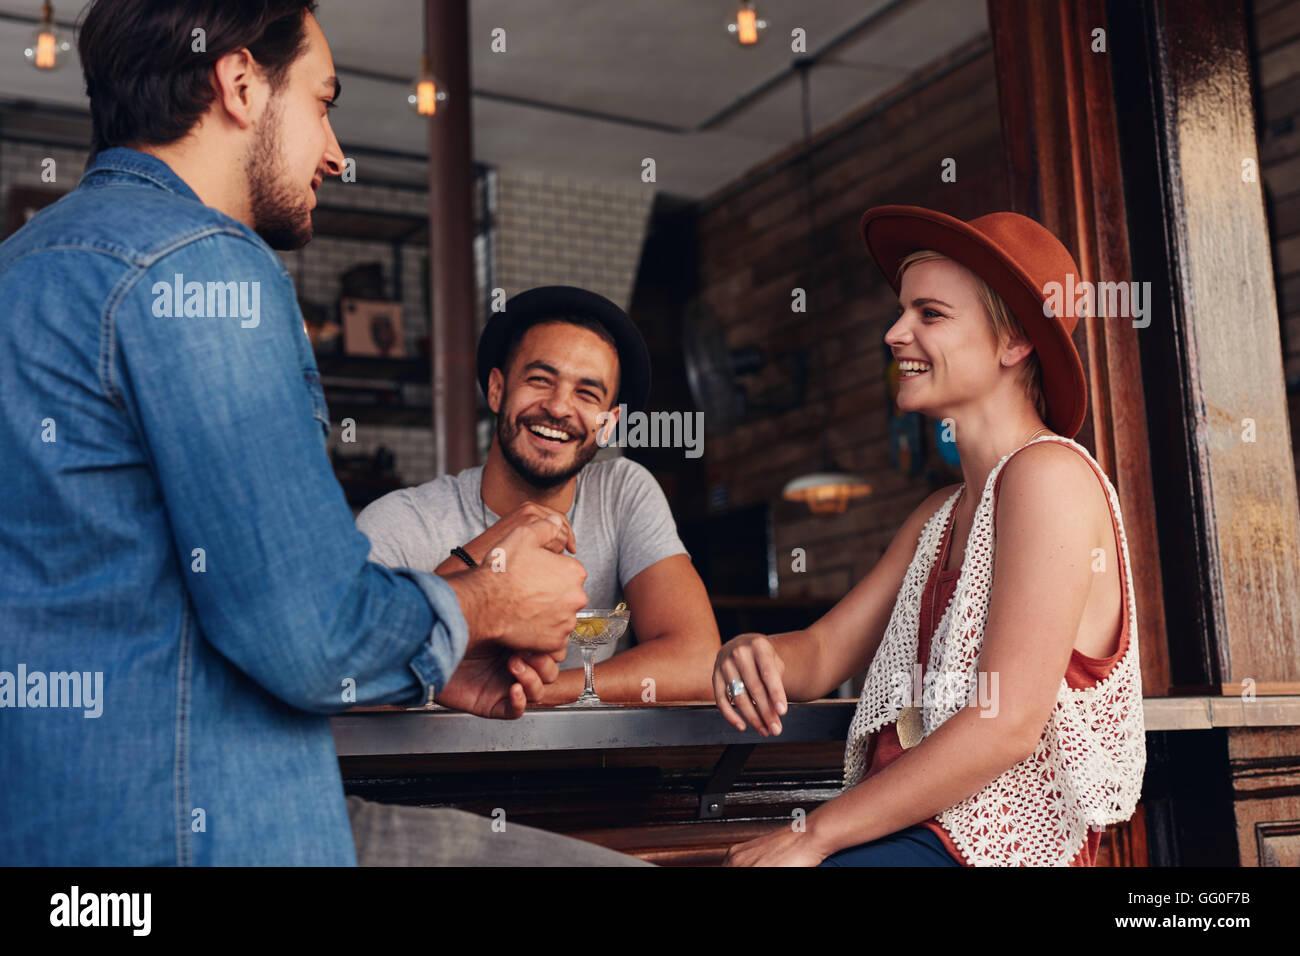 Los jóvenes, hombres y mujeres, sentados juntos y hablando en una cafetería. Grupo de jóvenes amigos Imagen De Stock